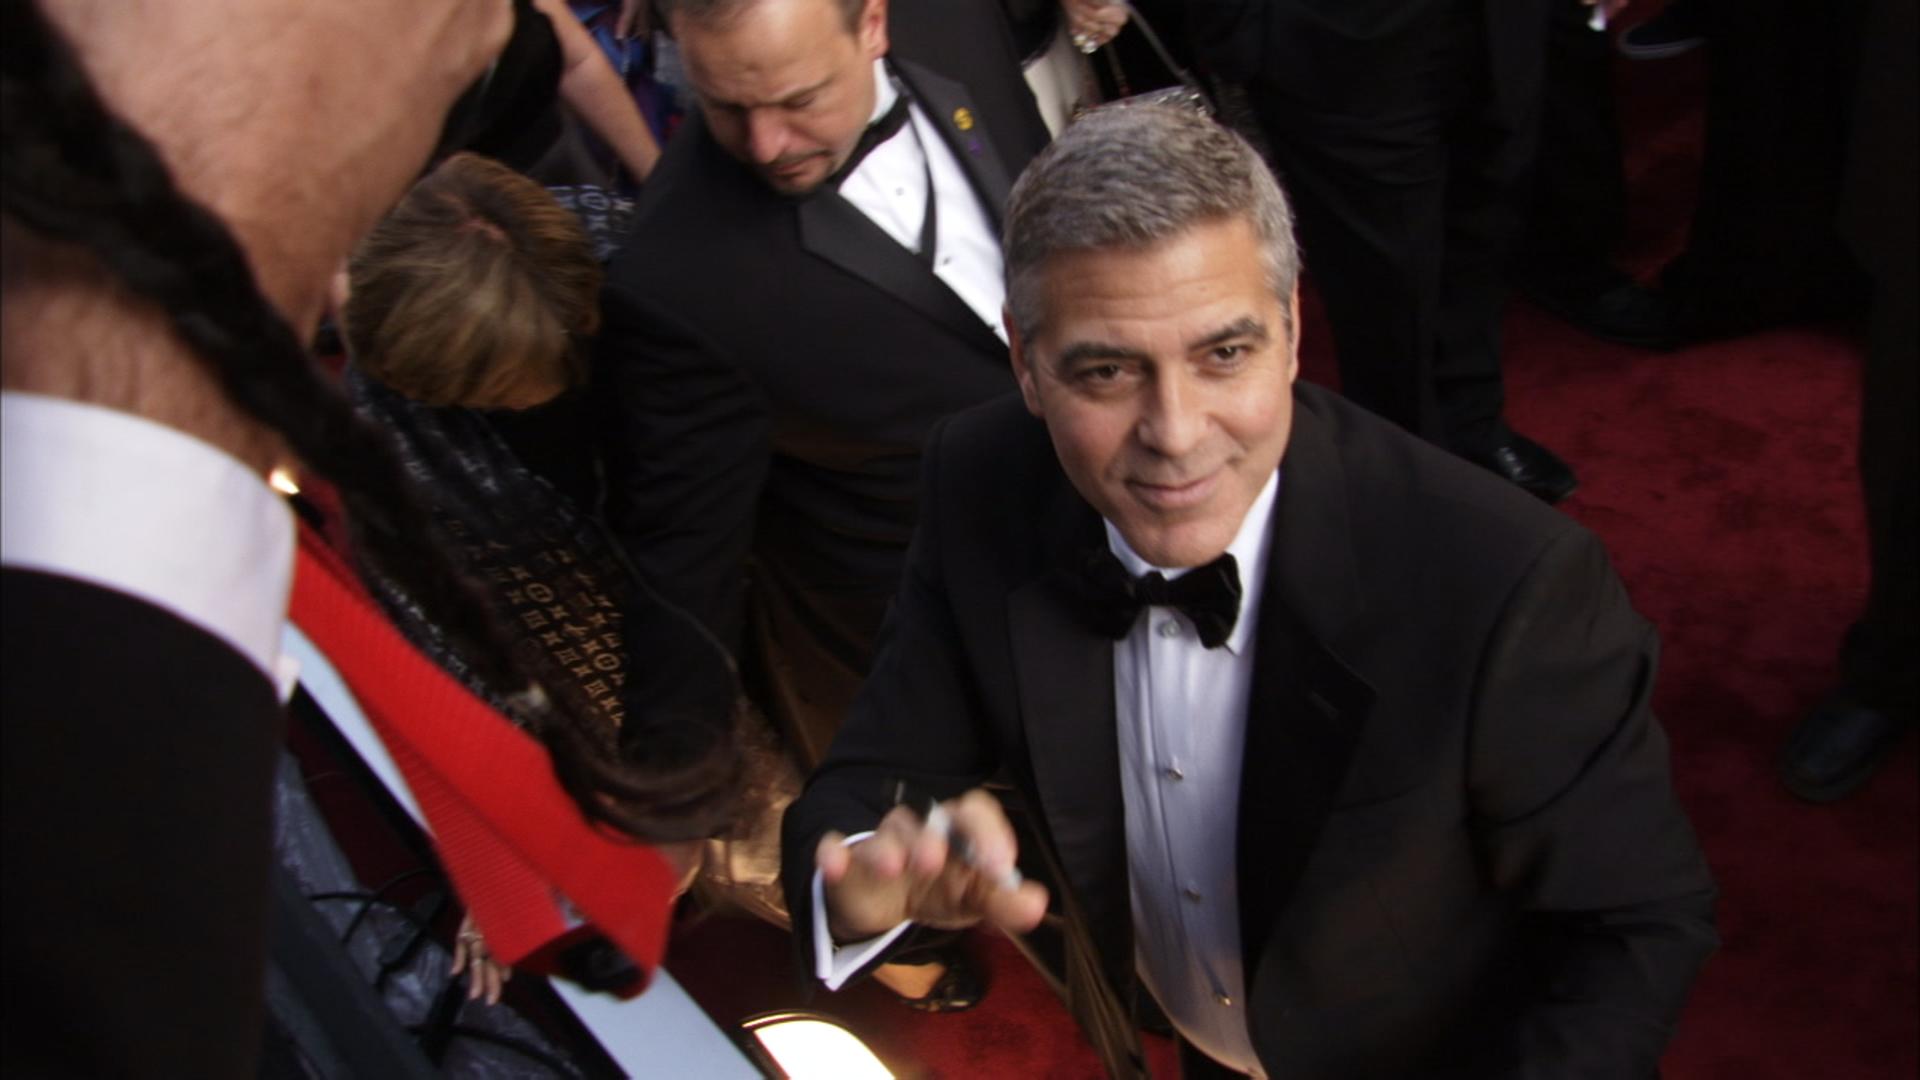 84th Oscars